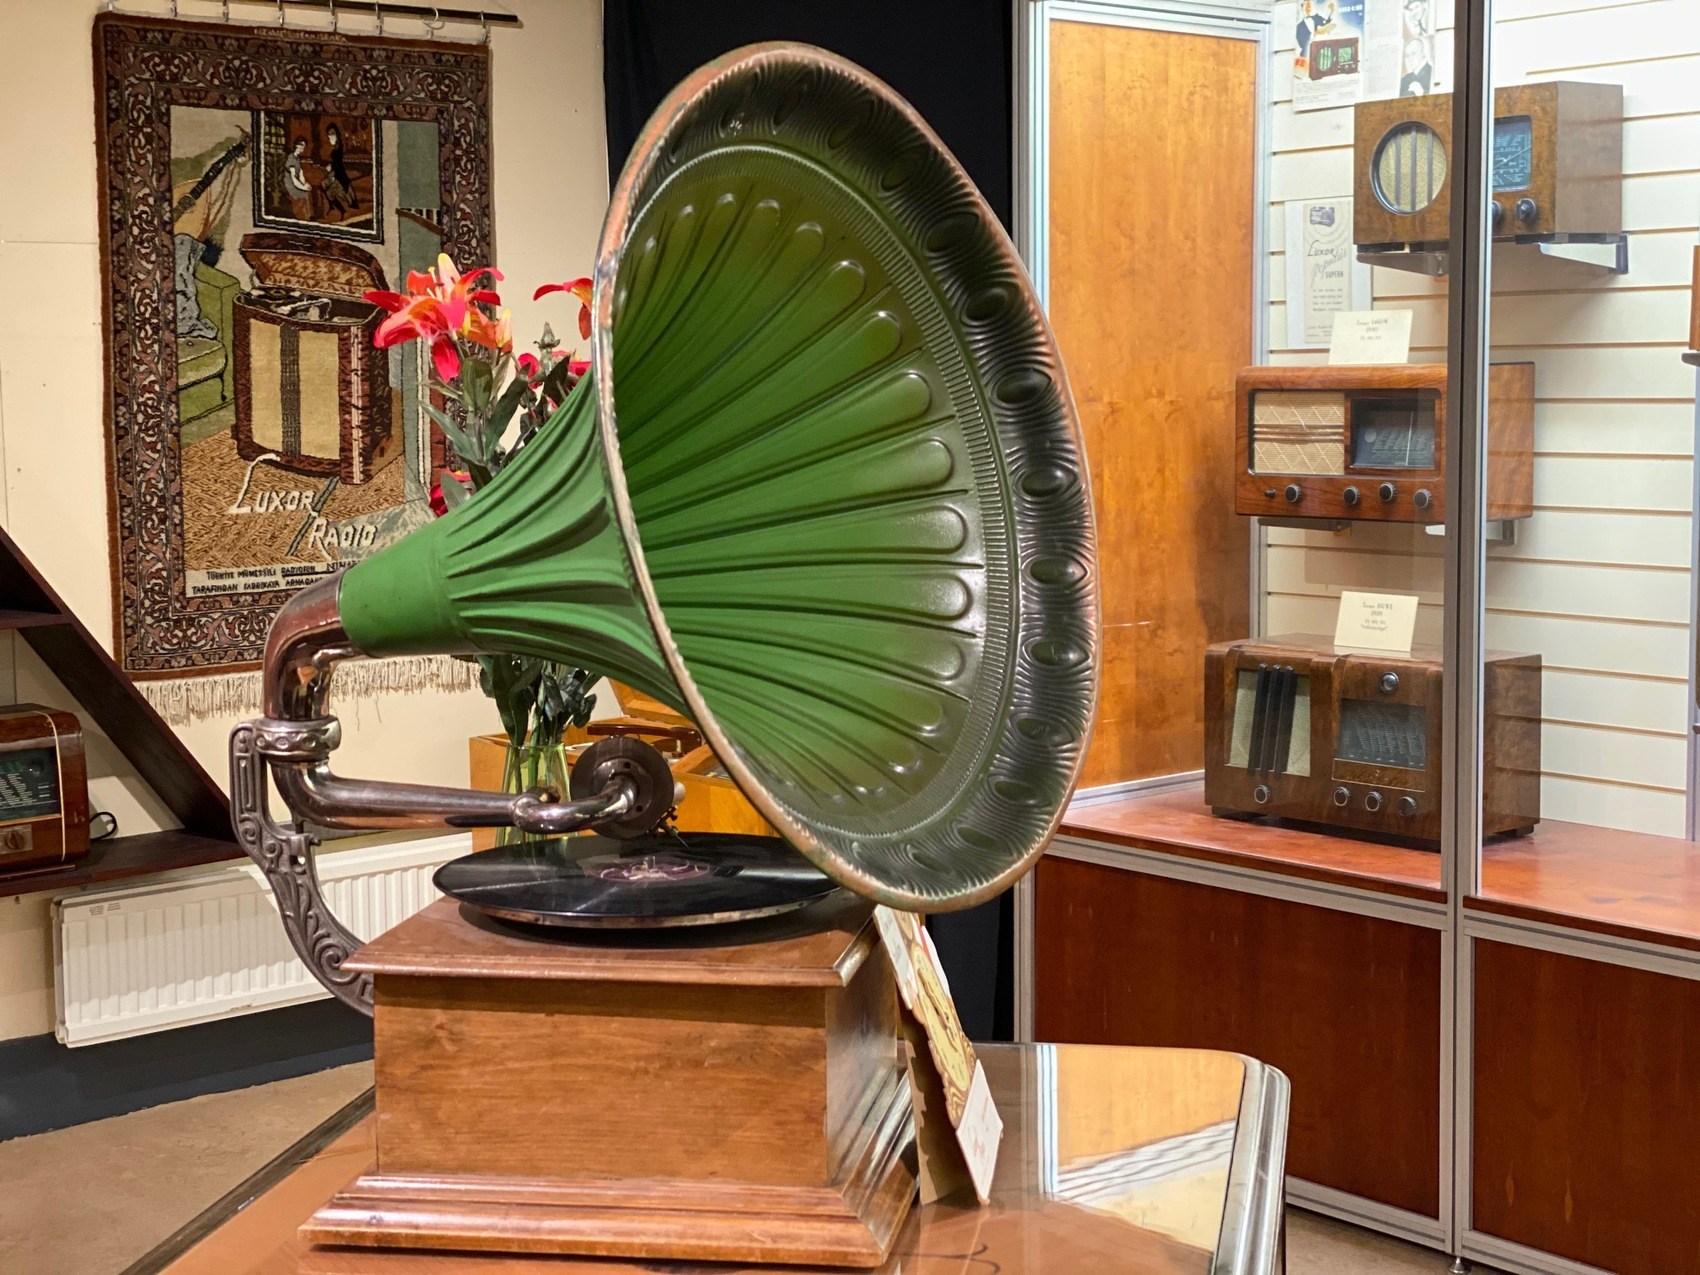 Gammal grön trattgramofon